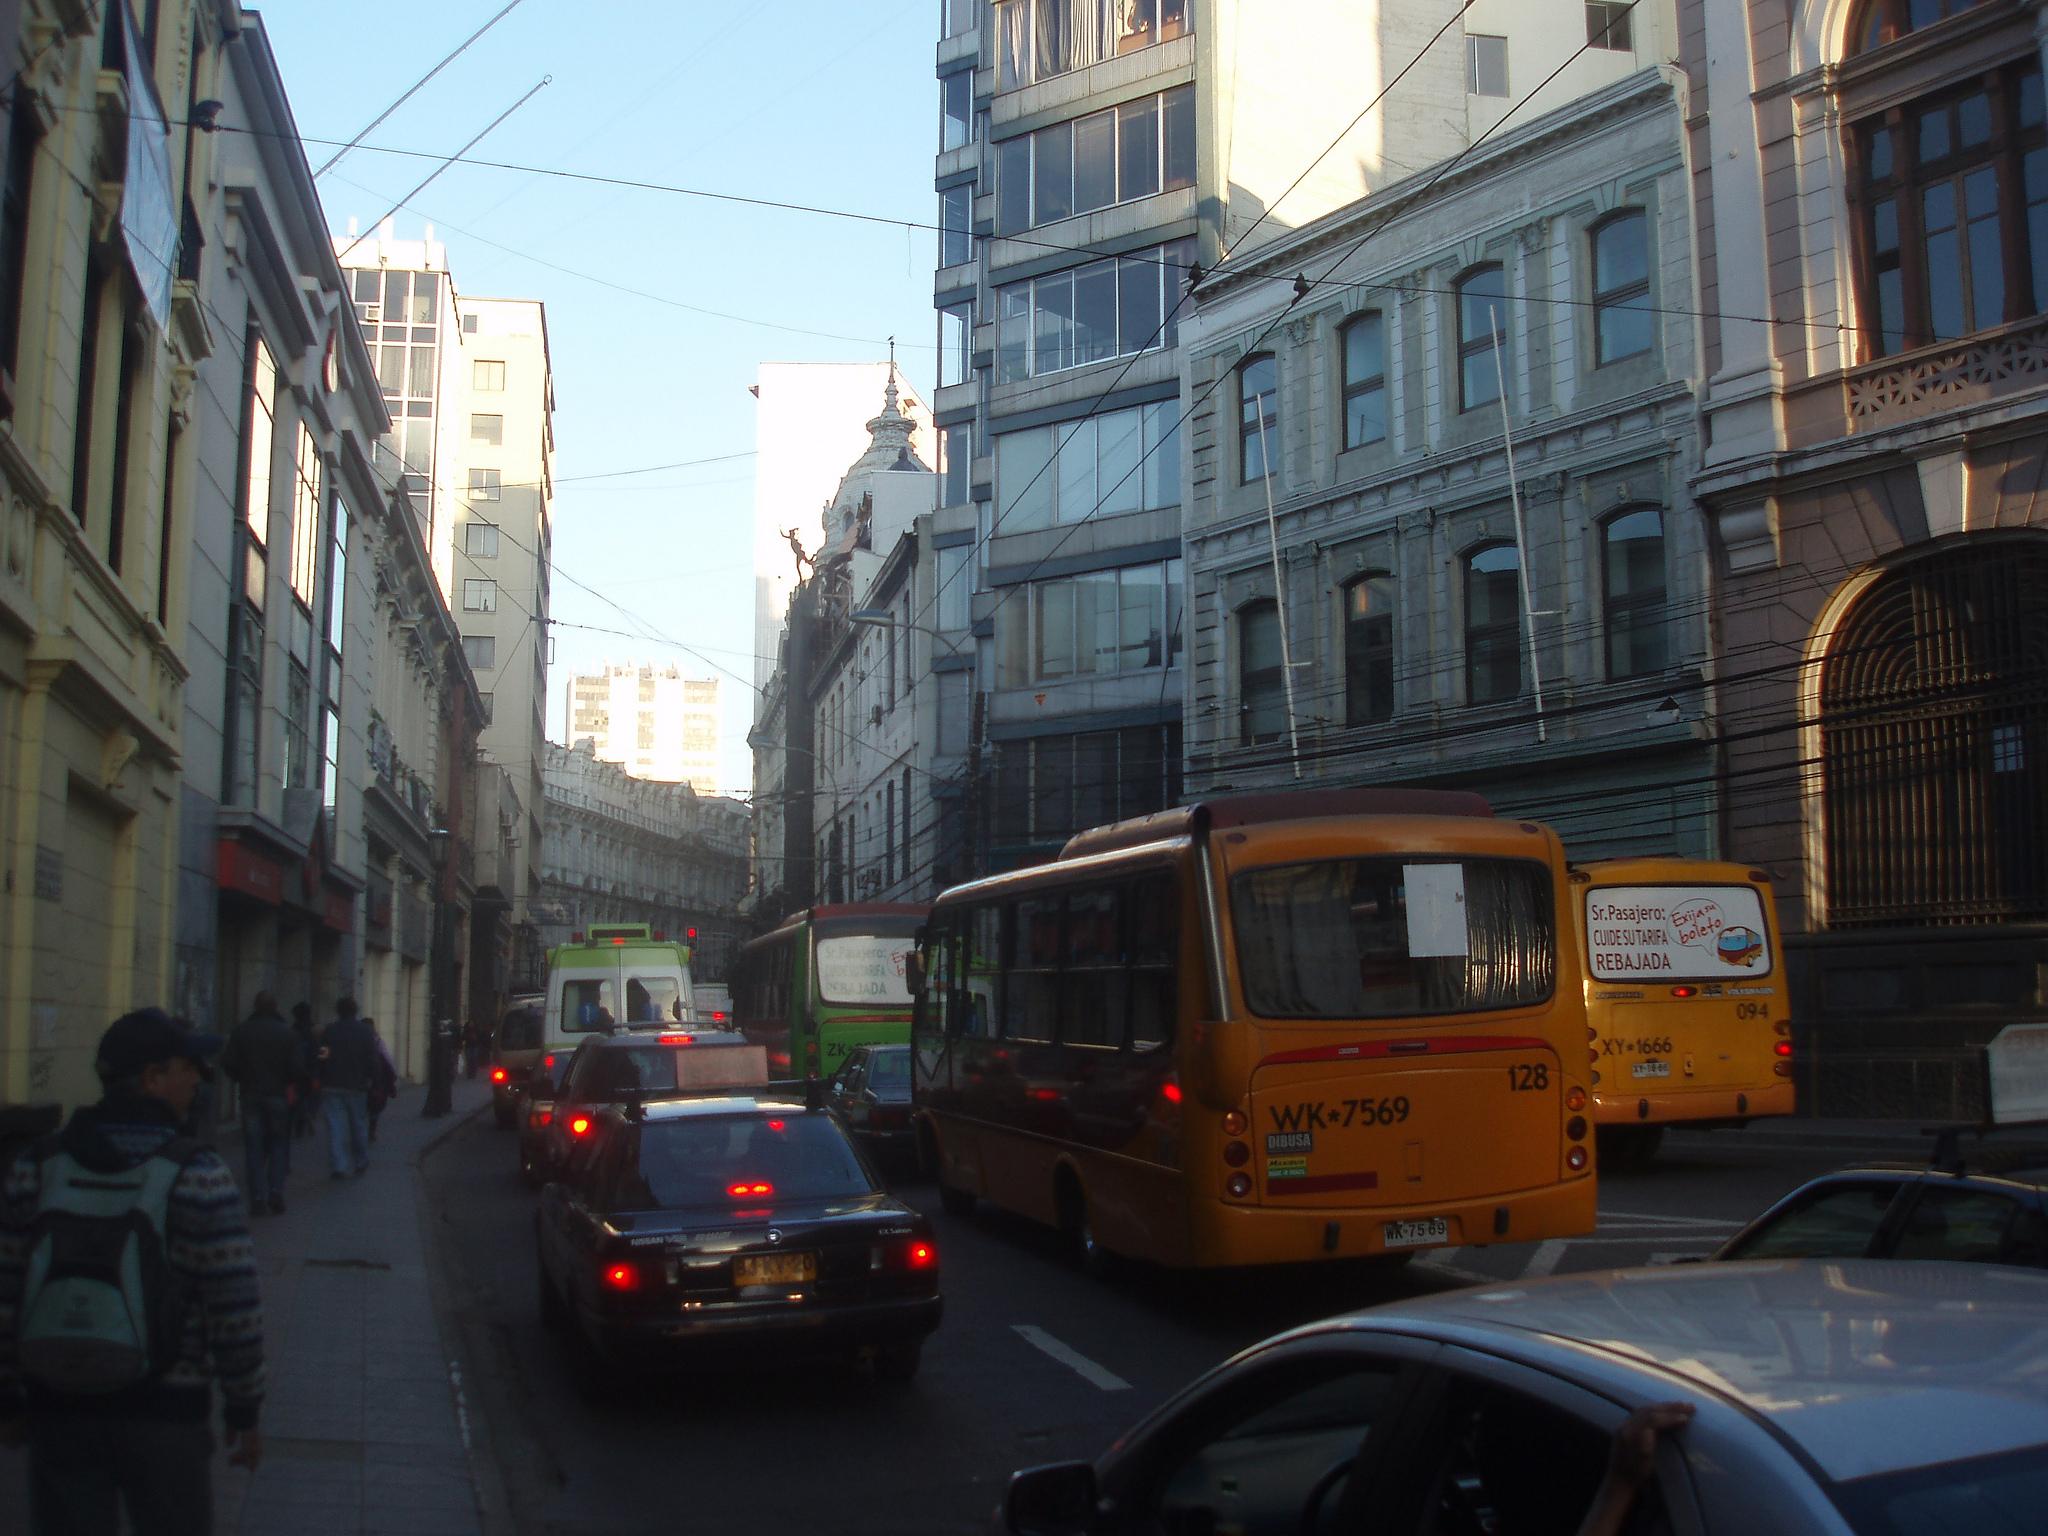 Micros en Valparaíso   t_y_l   (CC)